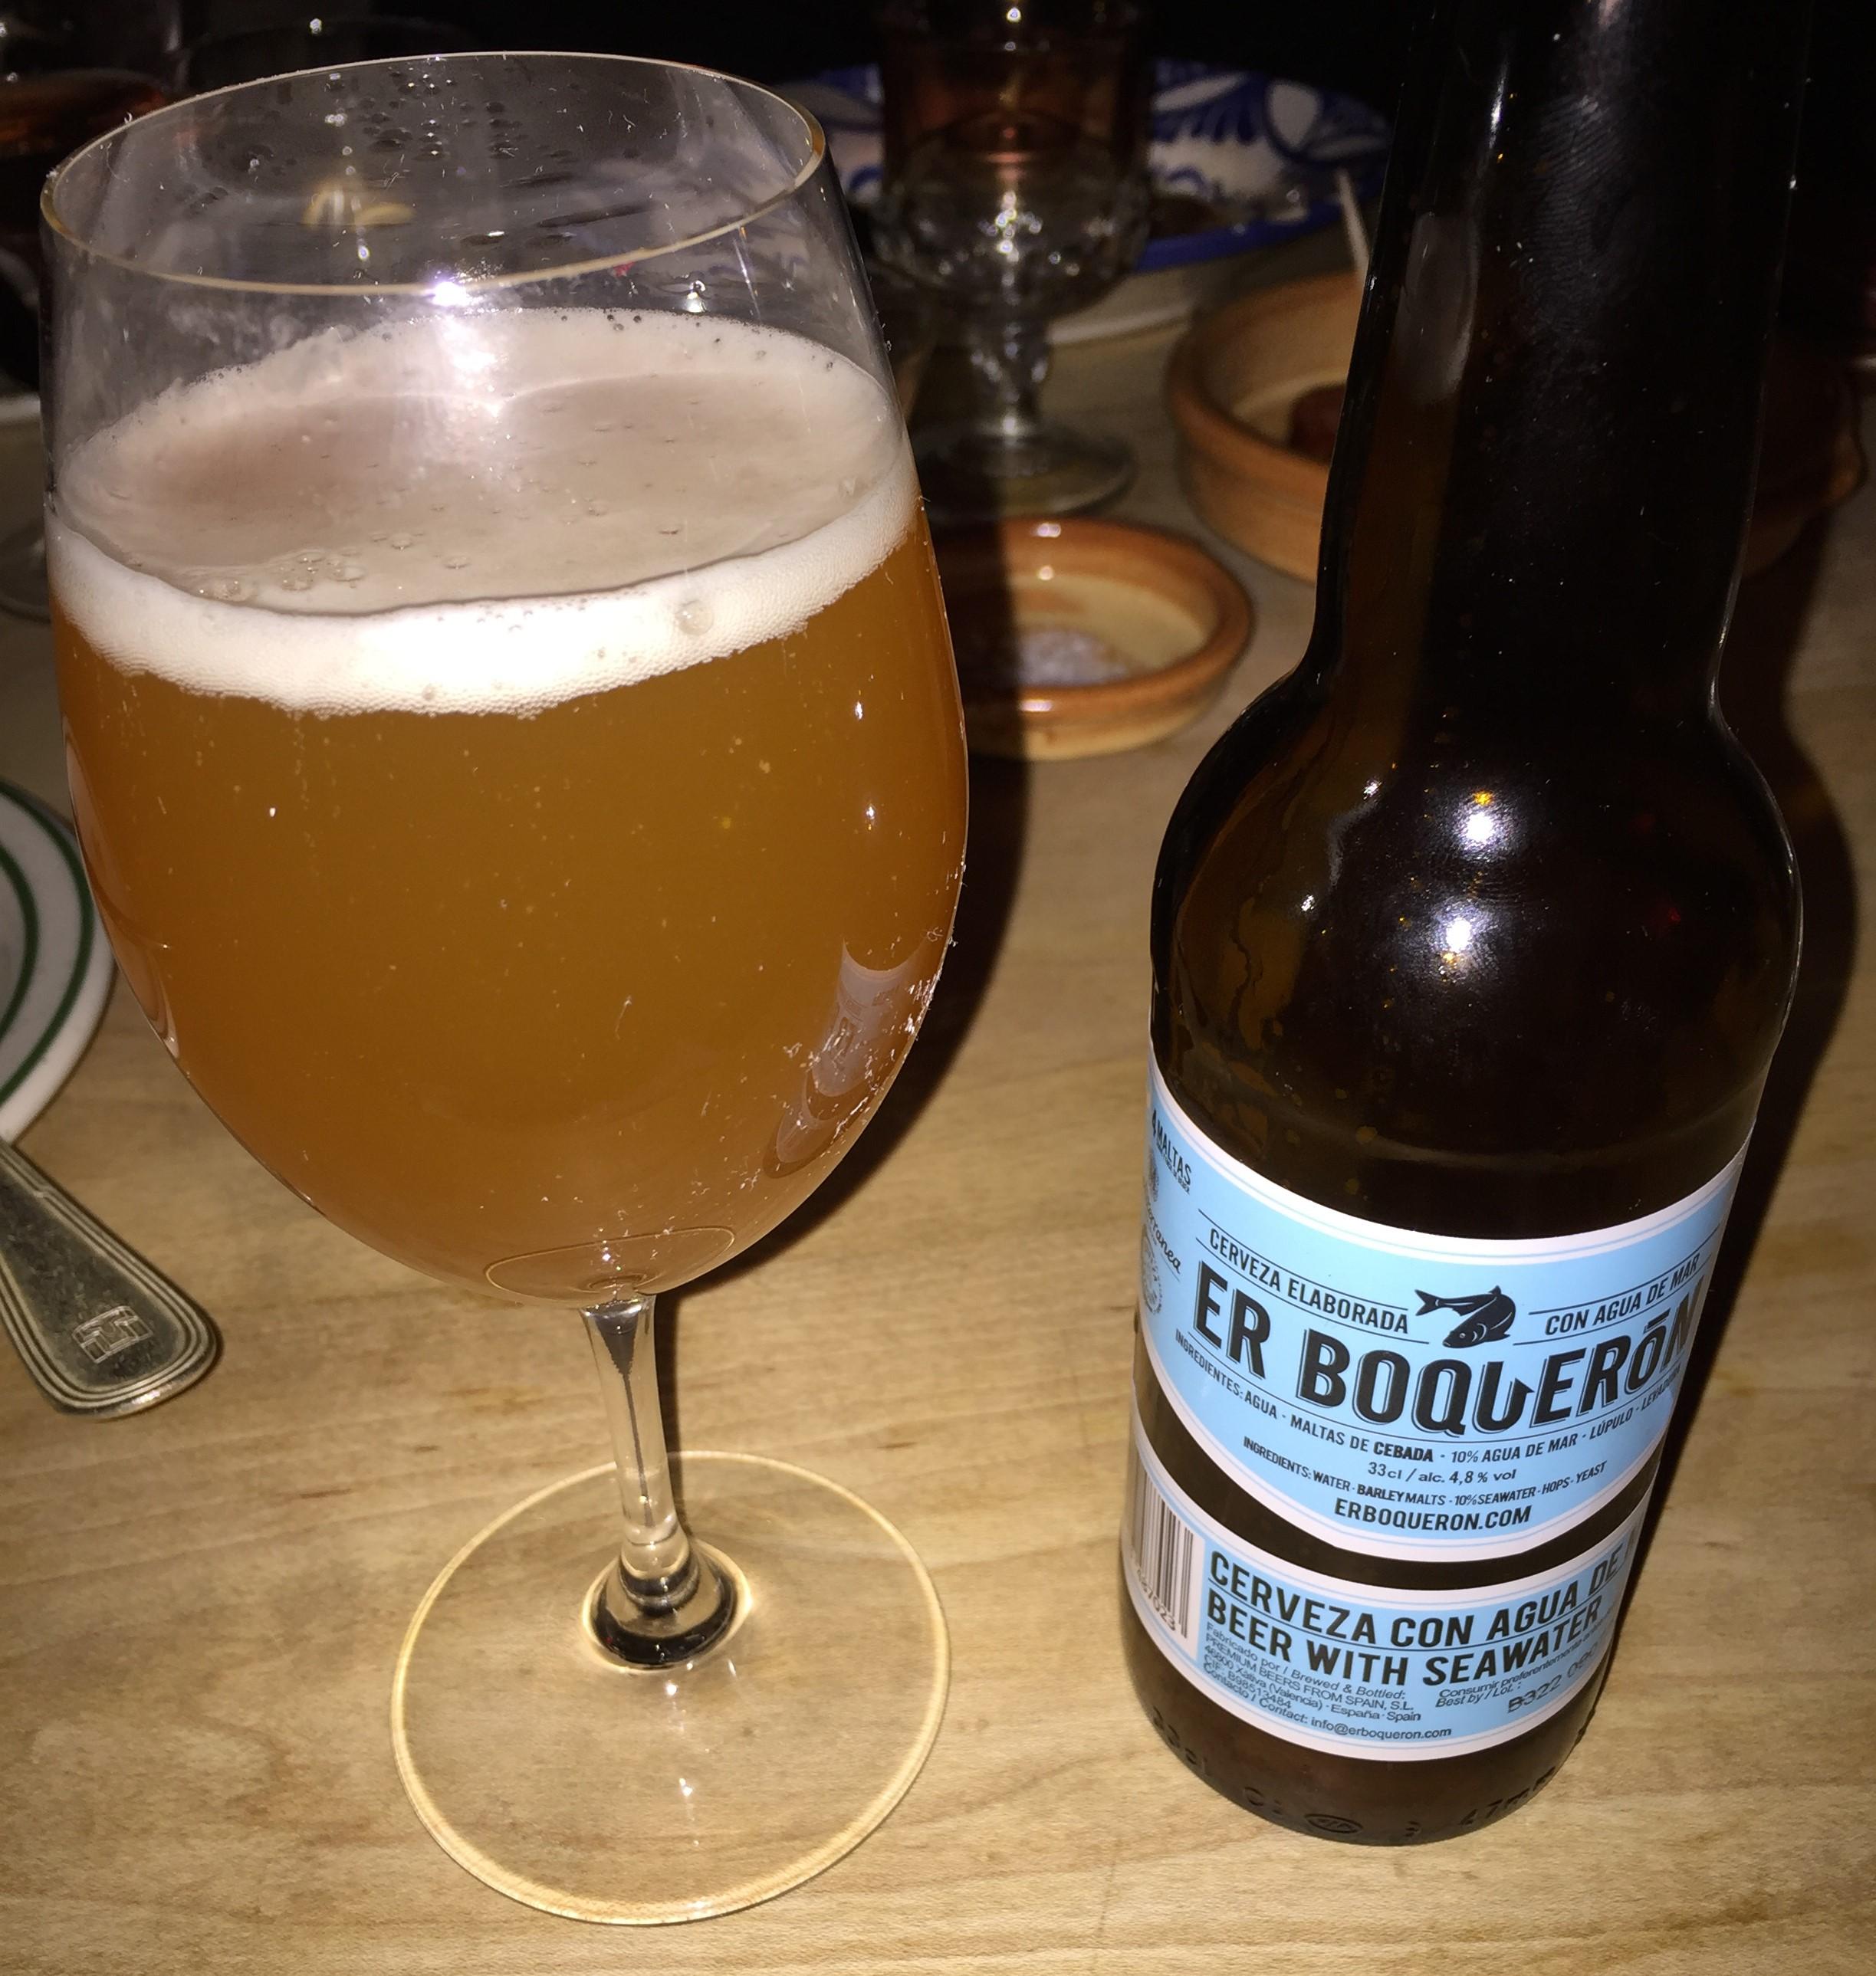 er_boqueron_beer (7)